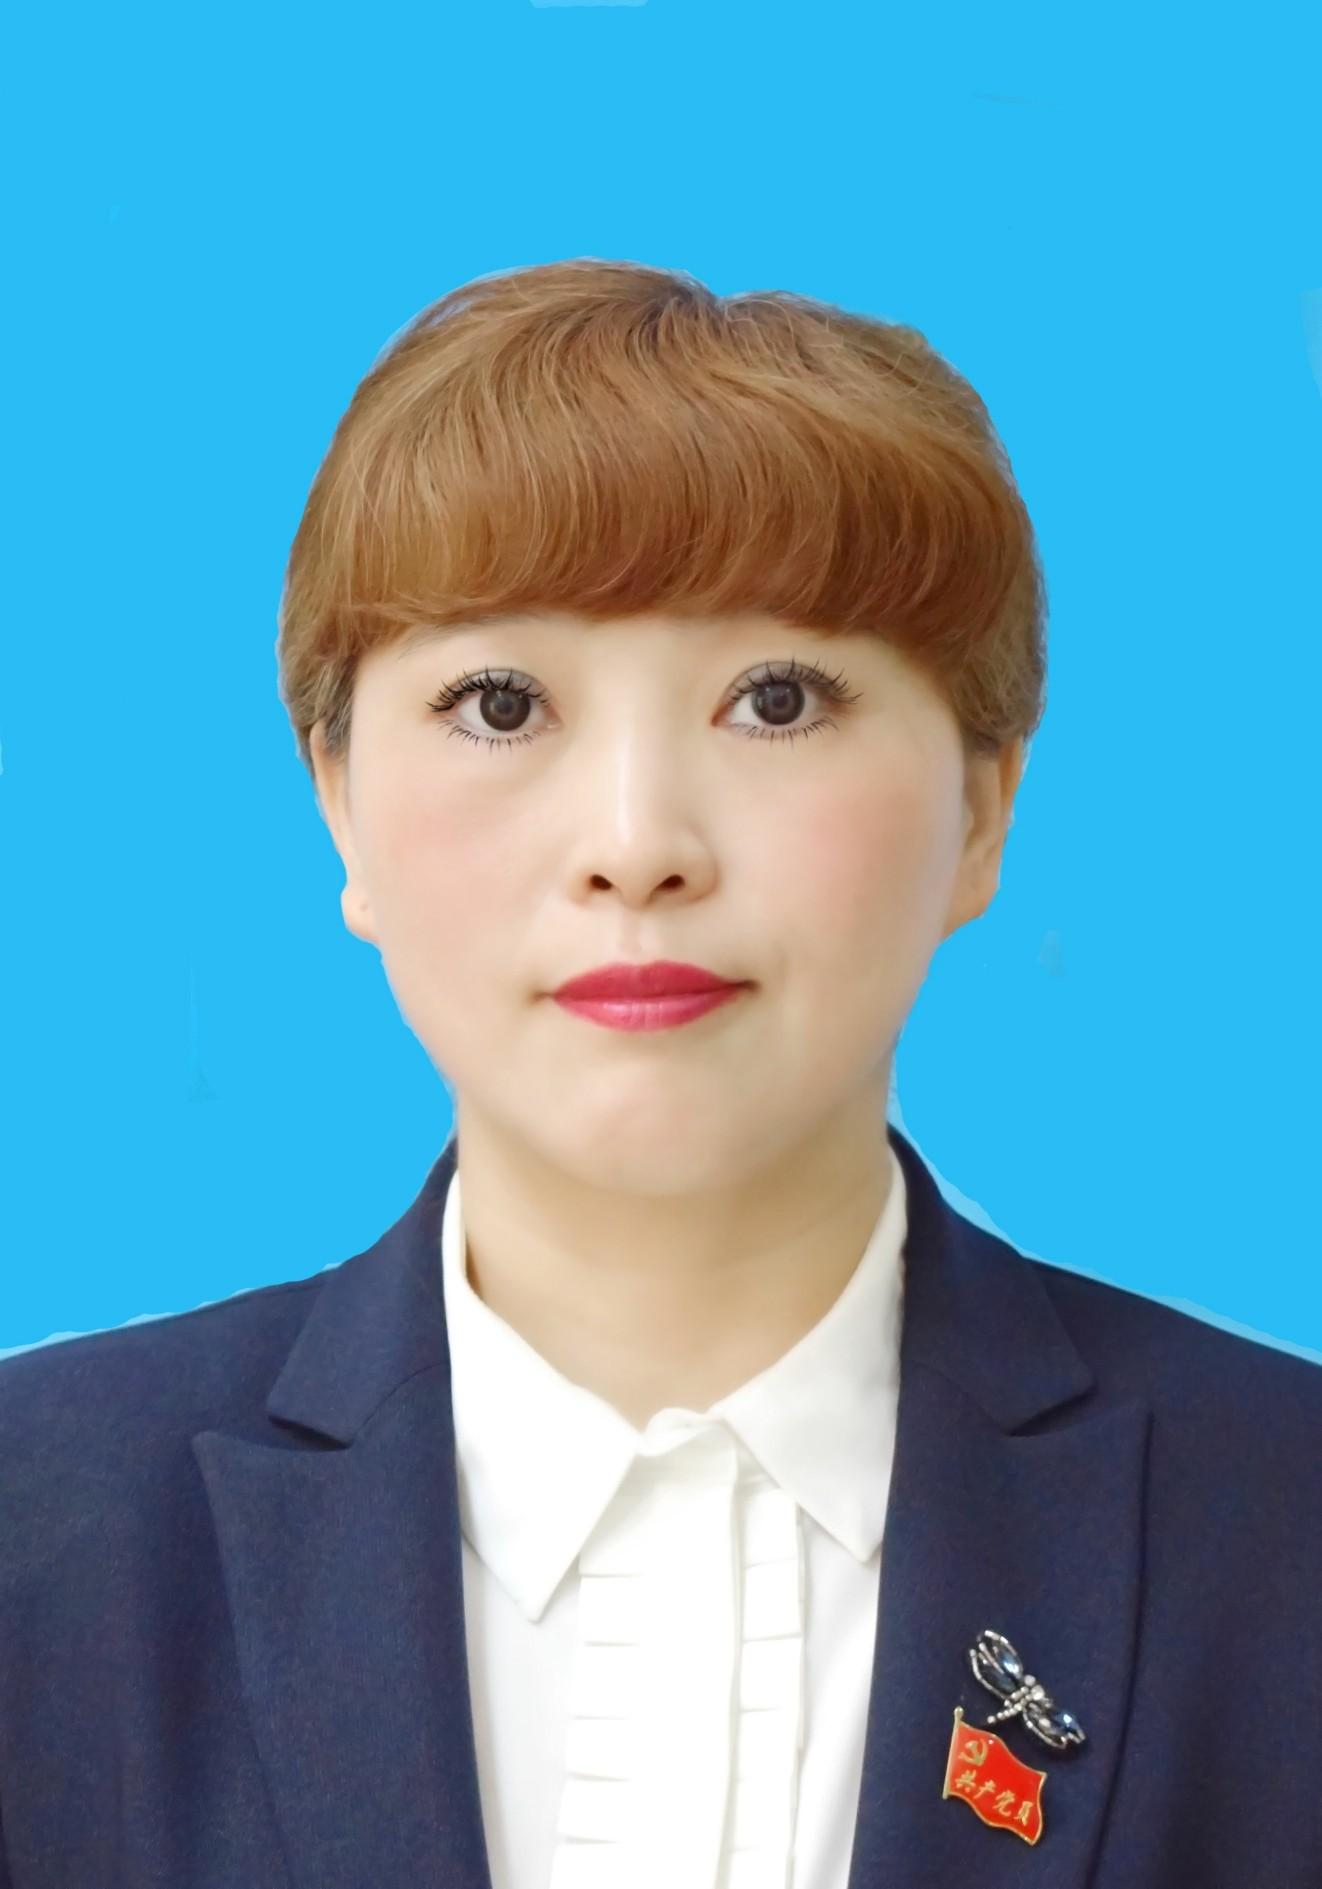 常务副会长兼文化影视旅游分会执行会长 鲜小芳